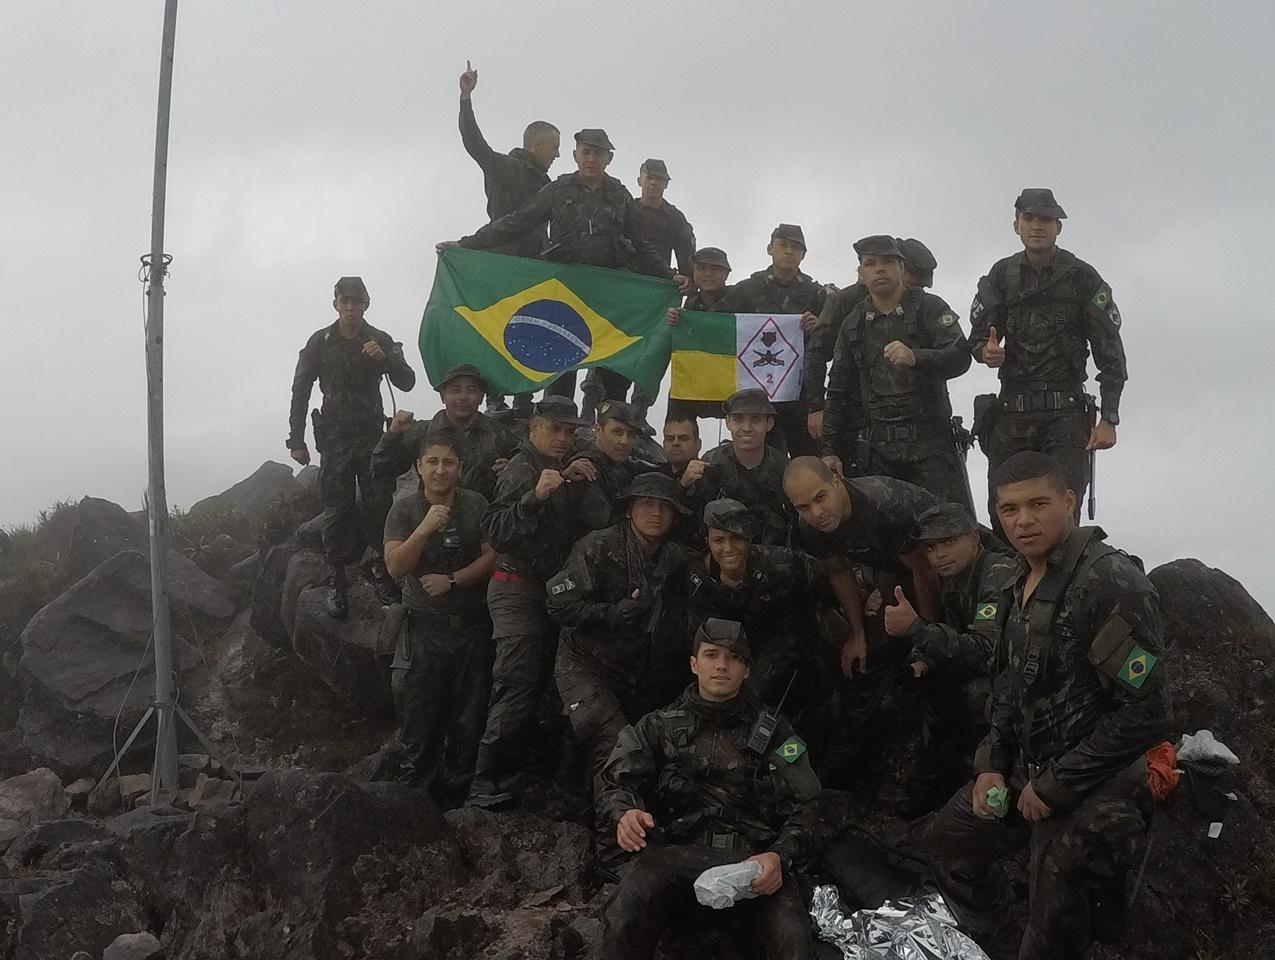 Militares da 2ª Brigada de Infantaria de Selva realizam expedição ao Pico da Neblina para troca da bandeira